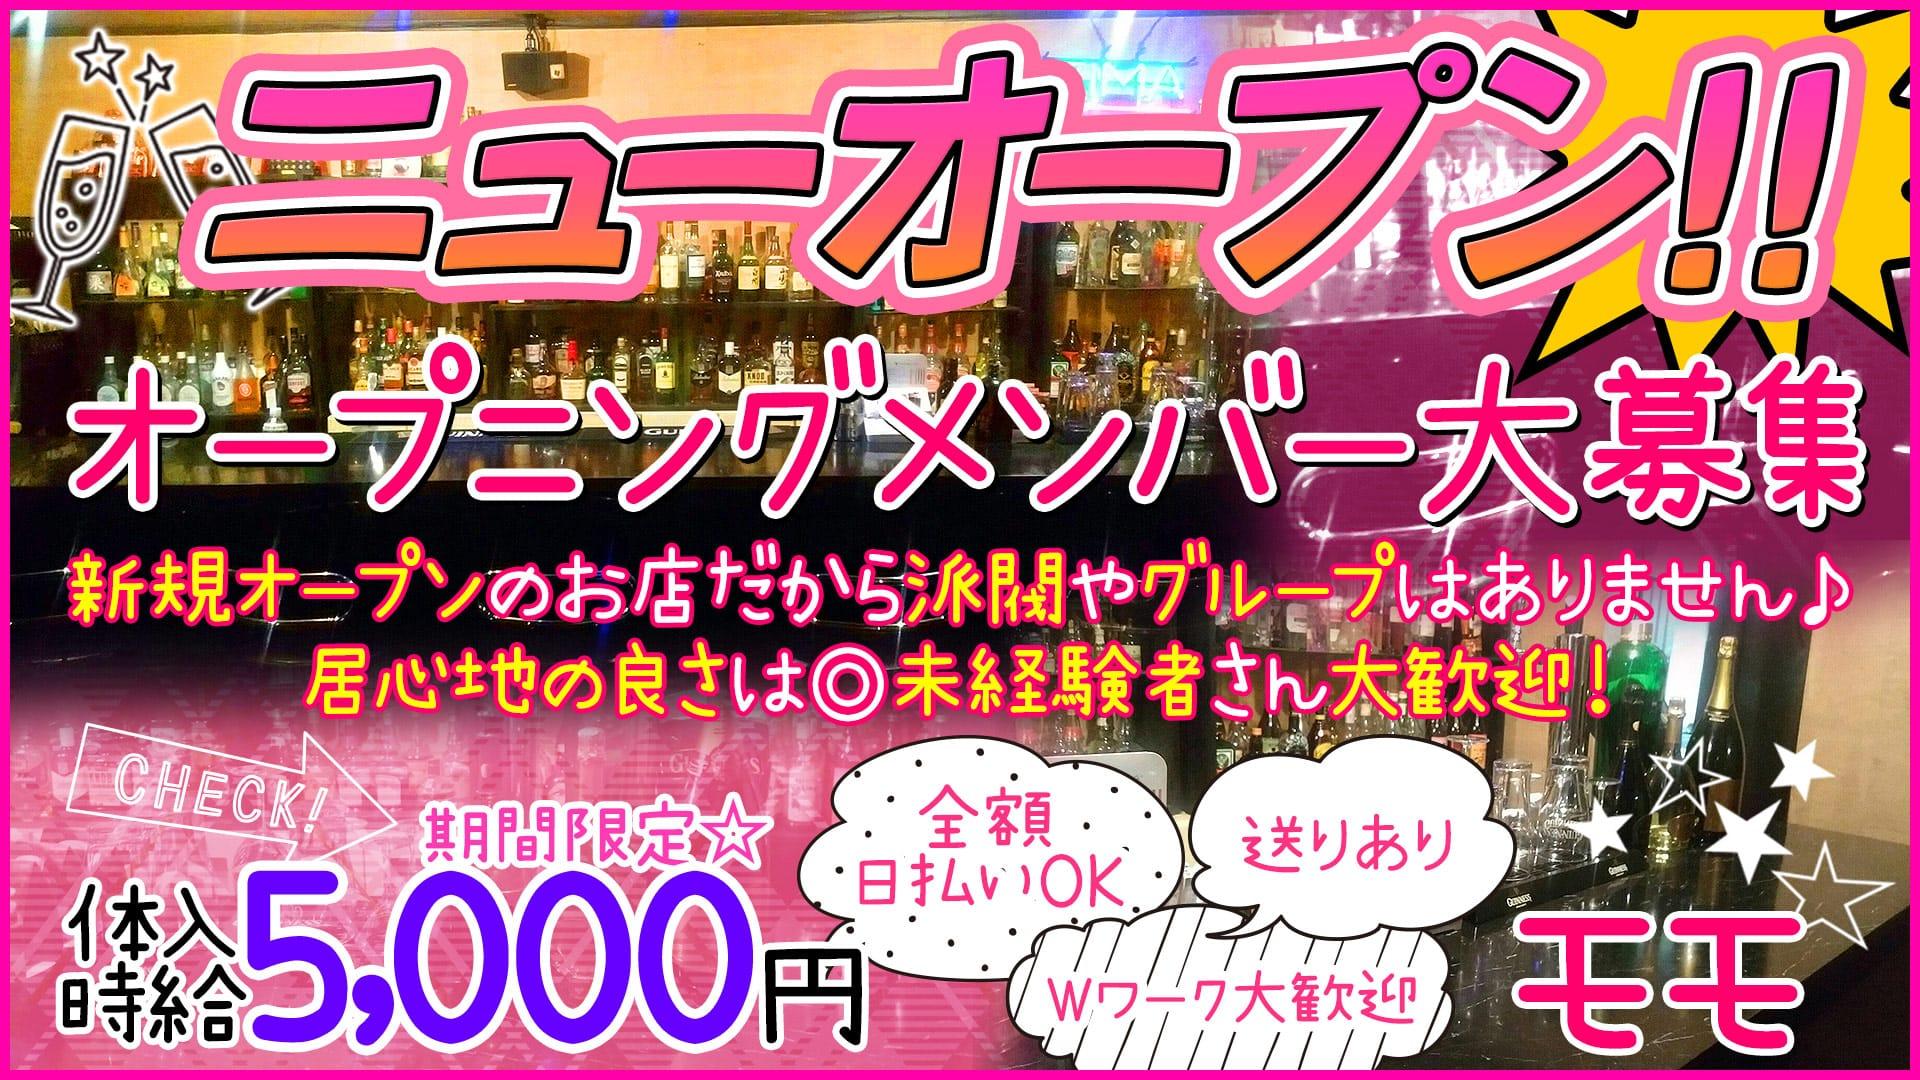 モモ 歌舞伎町ガールズバー TOP画像